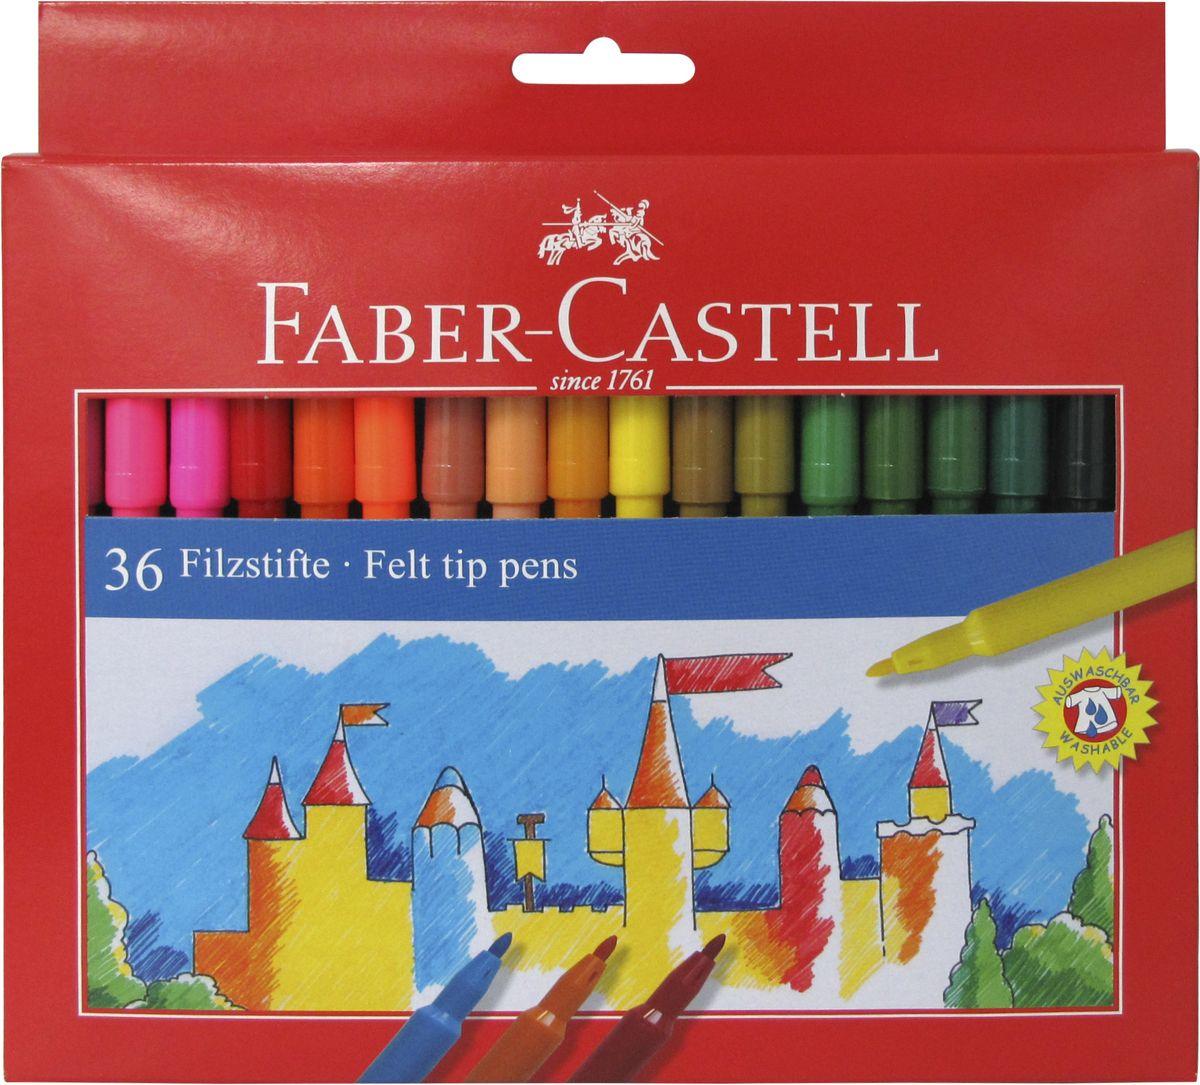 Faber-Castell Фломастеры 36 цветовPDCP-US1-5MB-8Фломастеры Faber-Castell помогут маленькому художнику раскрыть свой творческий потенциал, рисовать и раскрашивать яркие картинки, развивая воображение, мелкую моторику и цветовосприятие. В наборе 36 разноцветных фломастеров. Корпусы выполнены из пластика. Чернила на водной основе окрашены с использованием пищевых красителей, благодаря чему они полностью безопасны для ребенка и имеют яркие, насыщенные цвета. Если маленький художник запачкался - не беда, ведь фломастеры отстирываются с большинства тканей. Вентилируемый колпачок надолго сохранит яркость цветов.